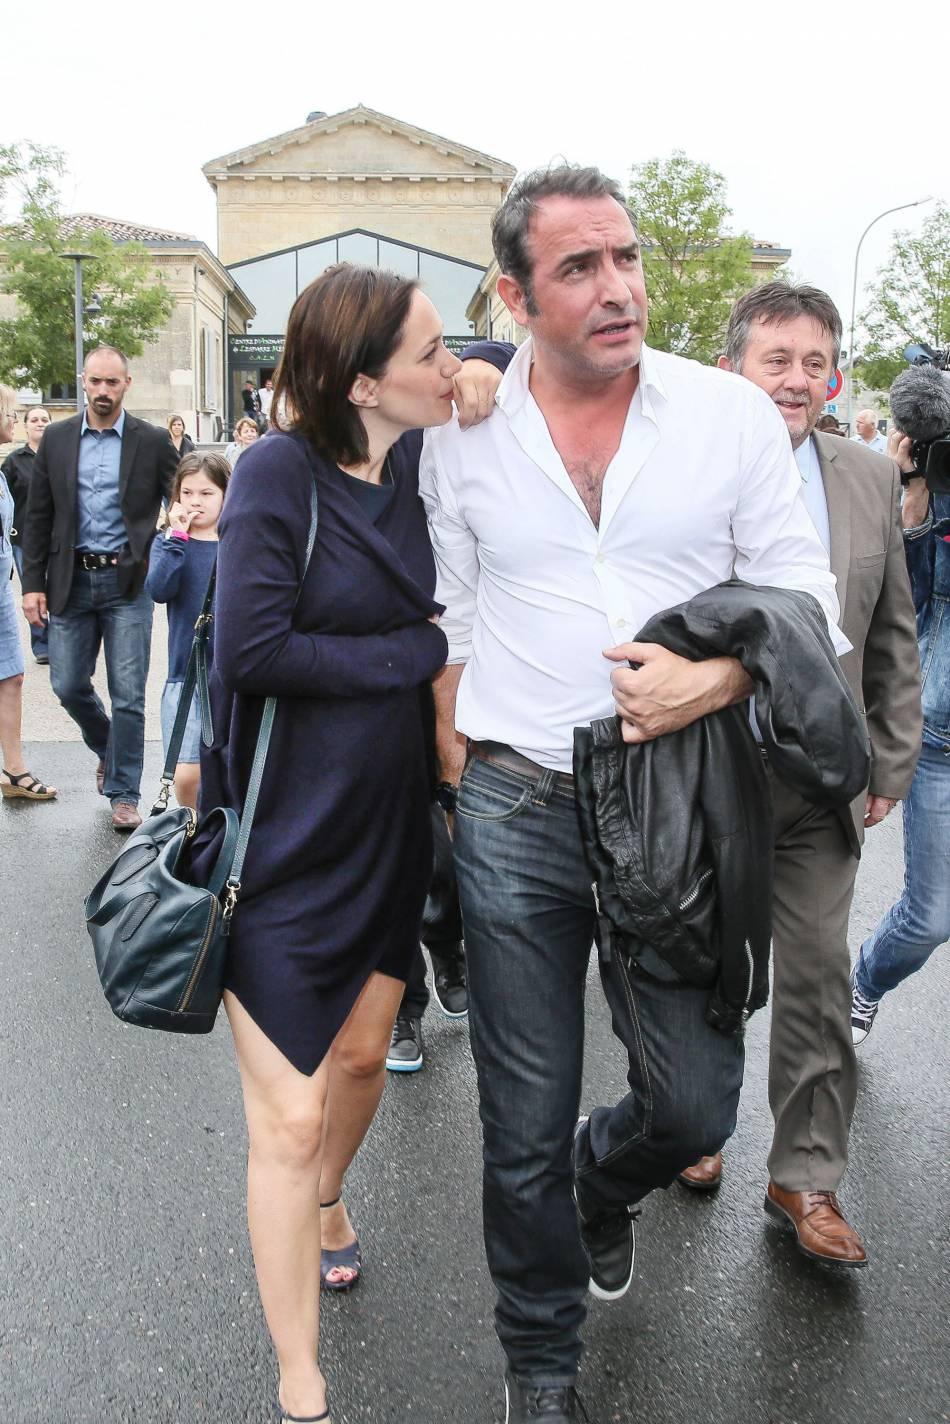 Nathalie p chalat et jean dujardin un couple tr s discret for Jean dujardin couple 2014